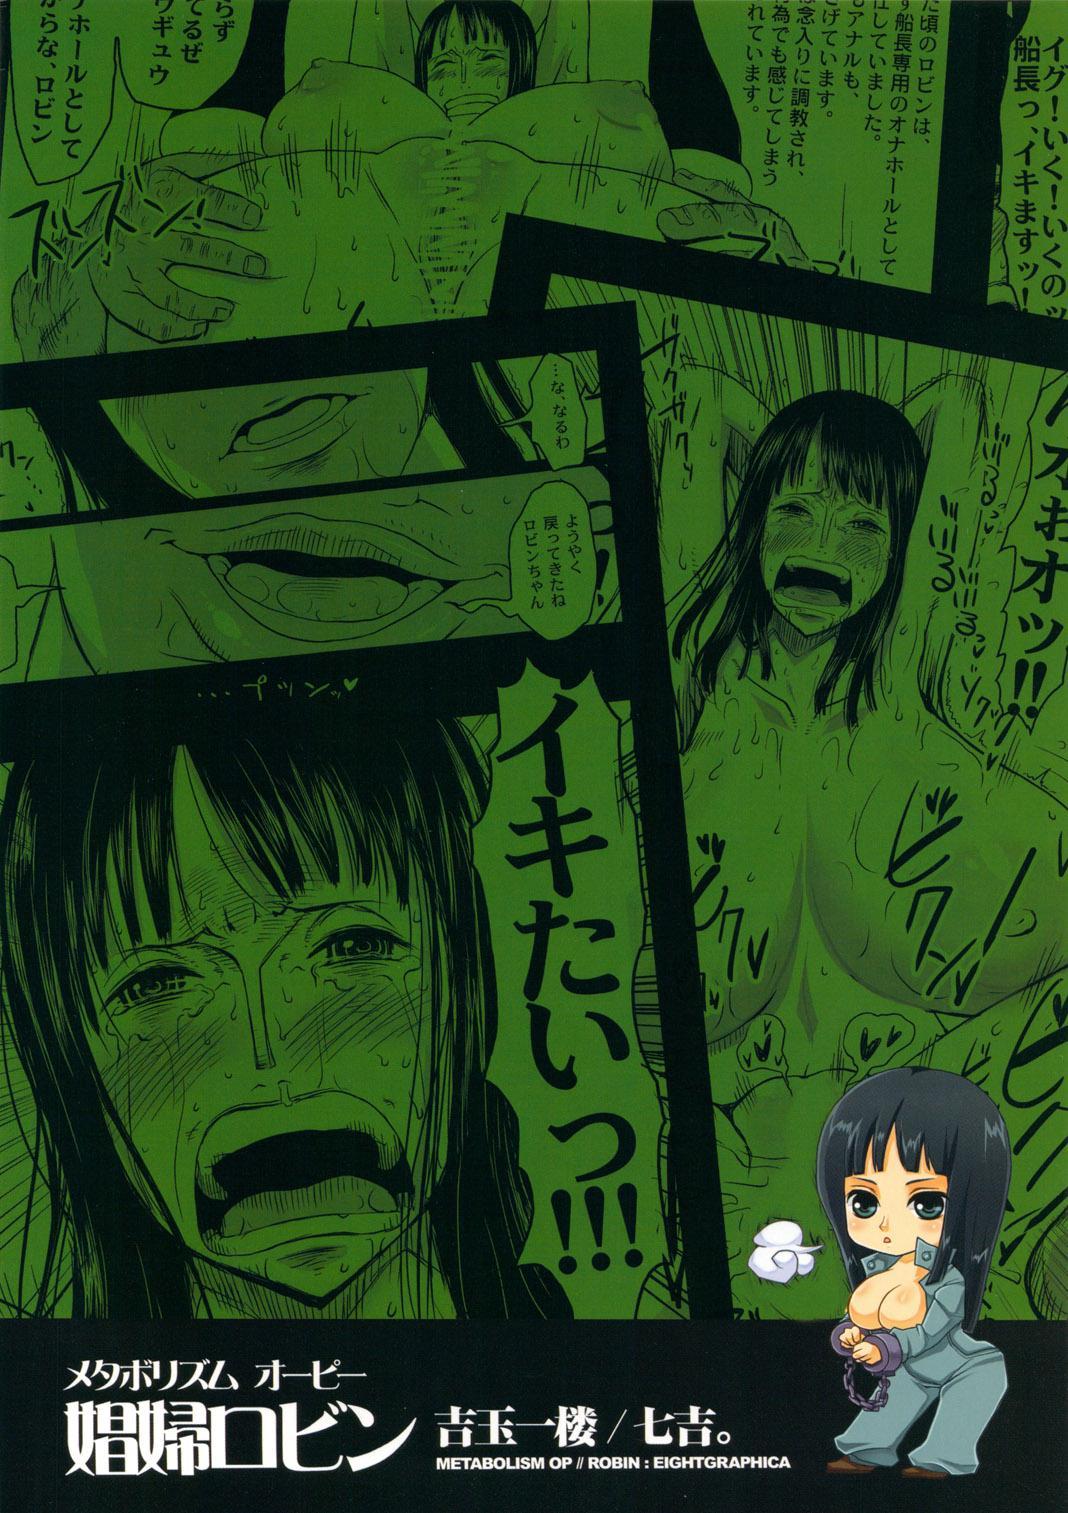 Metabolism-OP Kyonyuu Kyoshiri Shoufu Nico Robin no Keshi Taikako 25